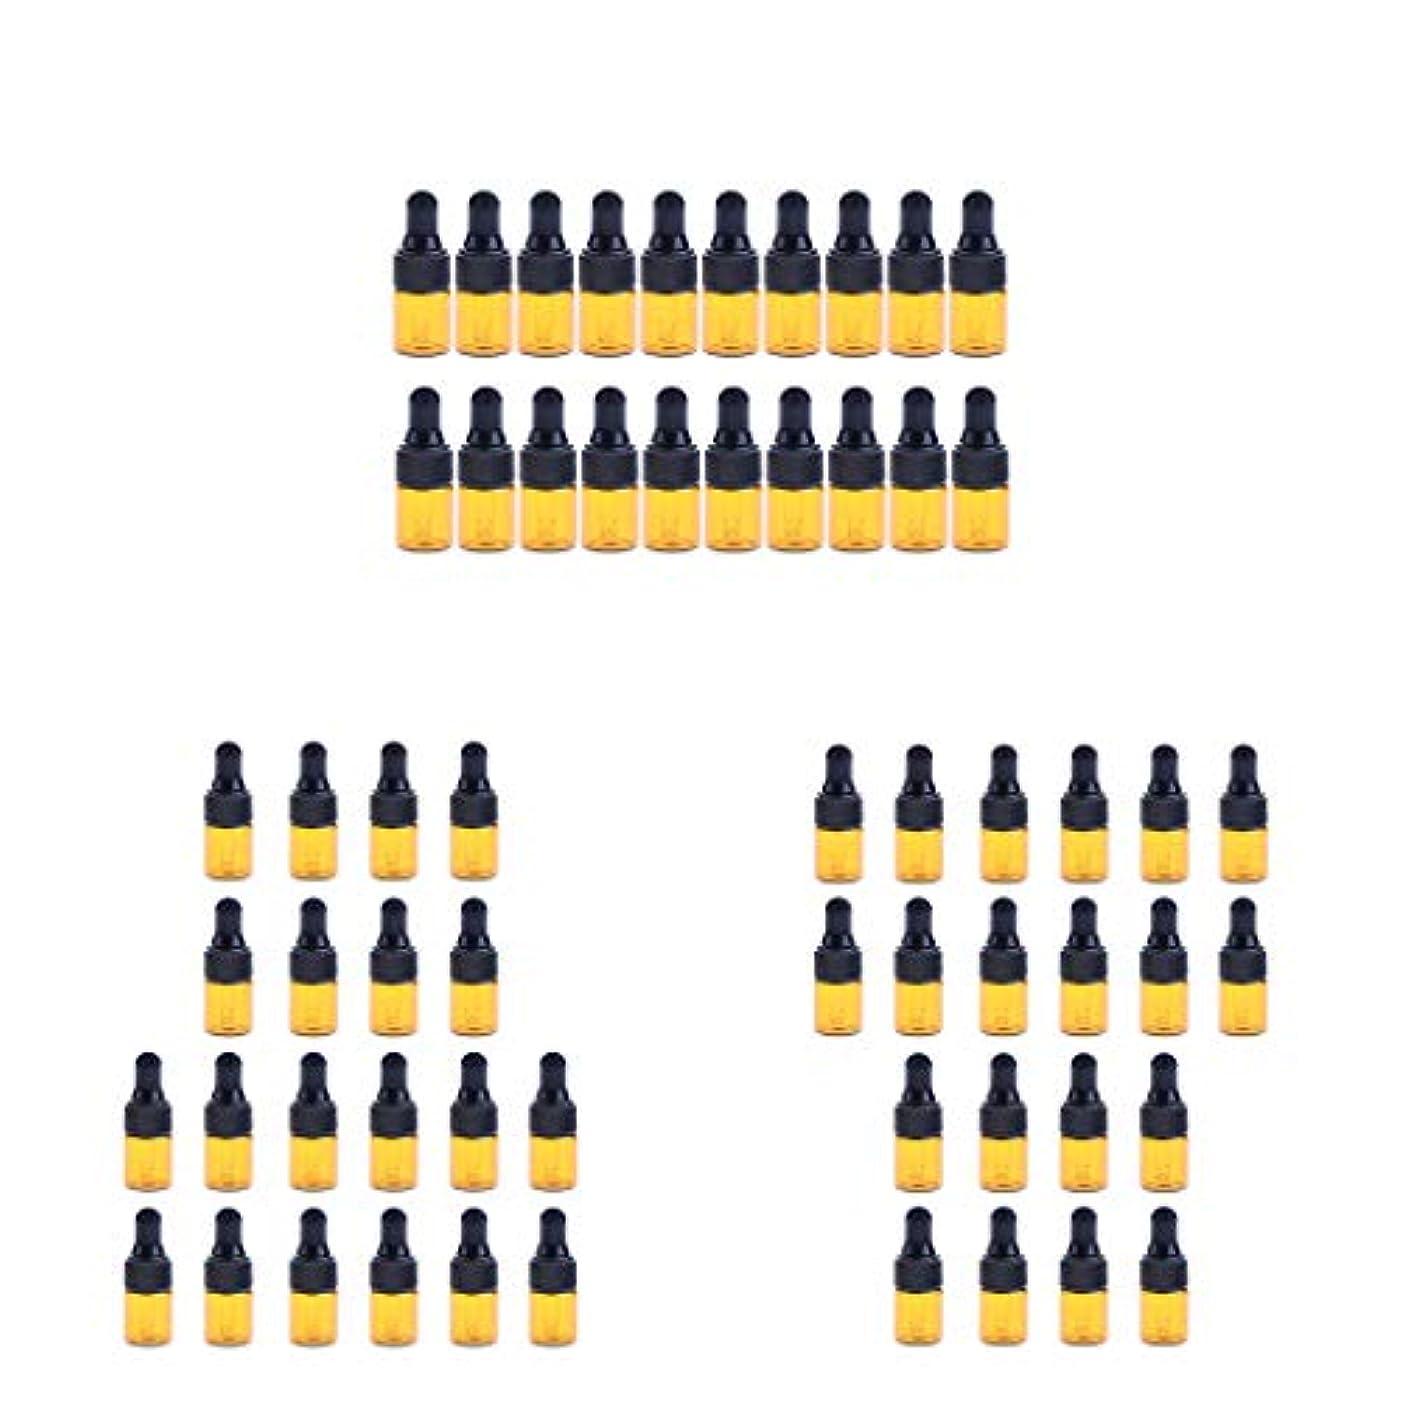 ペルメル持続する広まったchiwanji ドロッパーボトル ガラス 遮光瓶 アロマオイル エッセンシャルオイル 精油 詰め替え容器